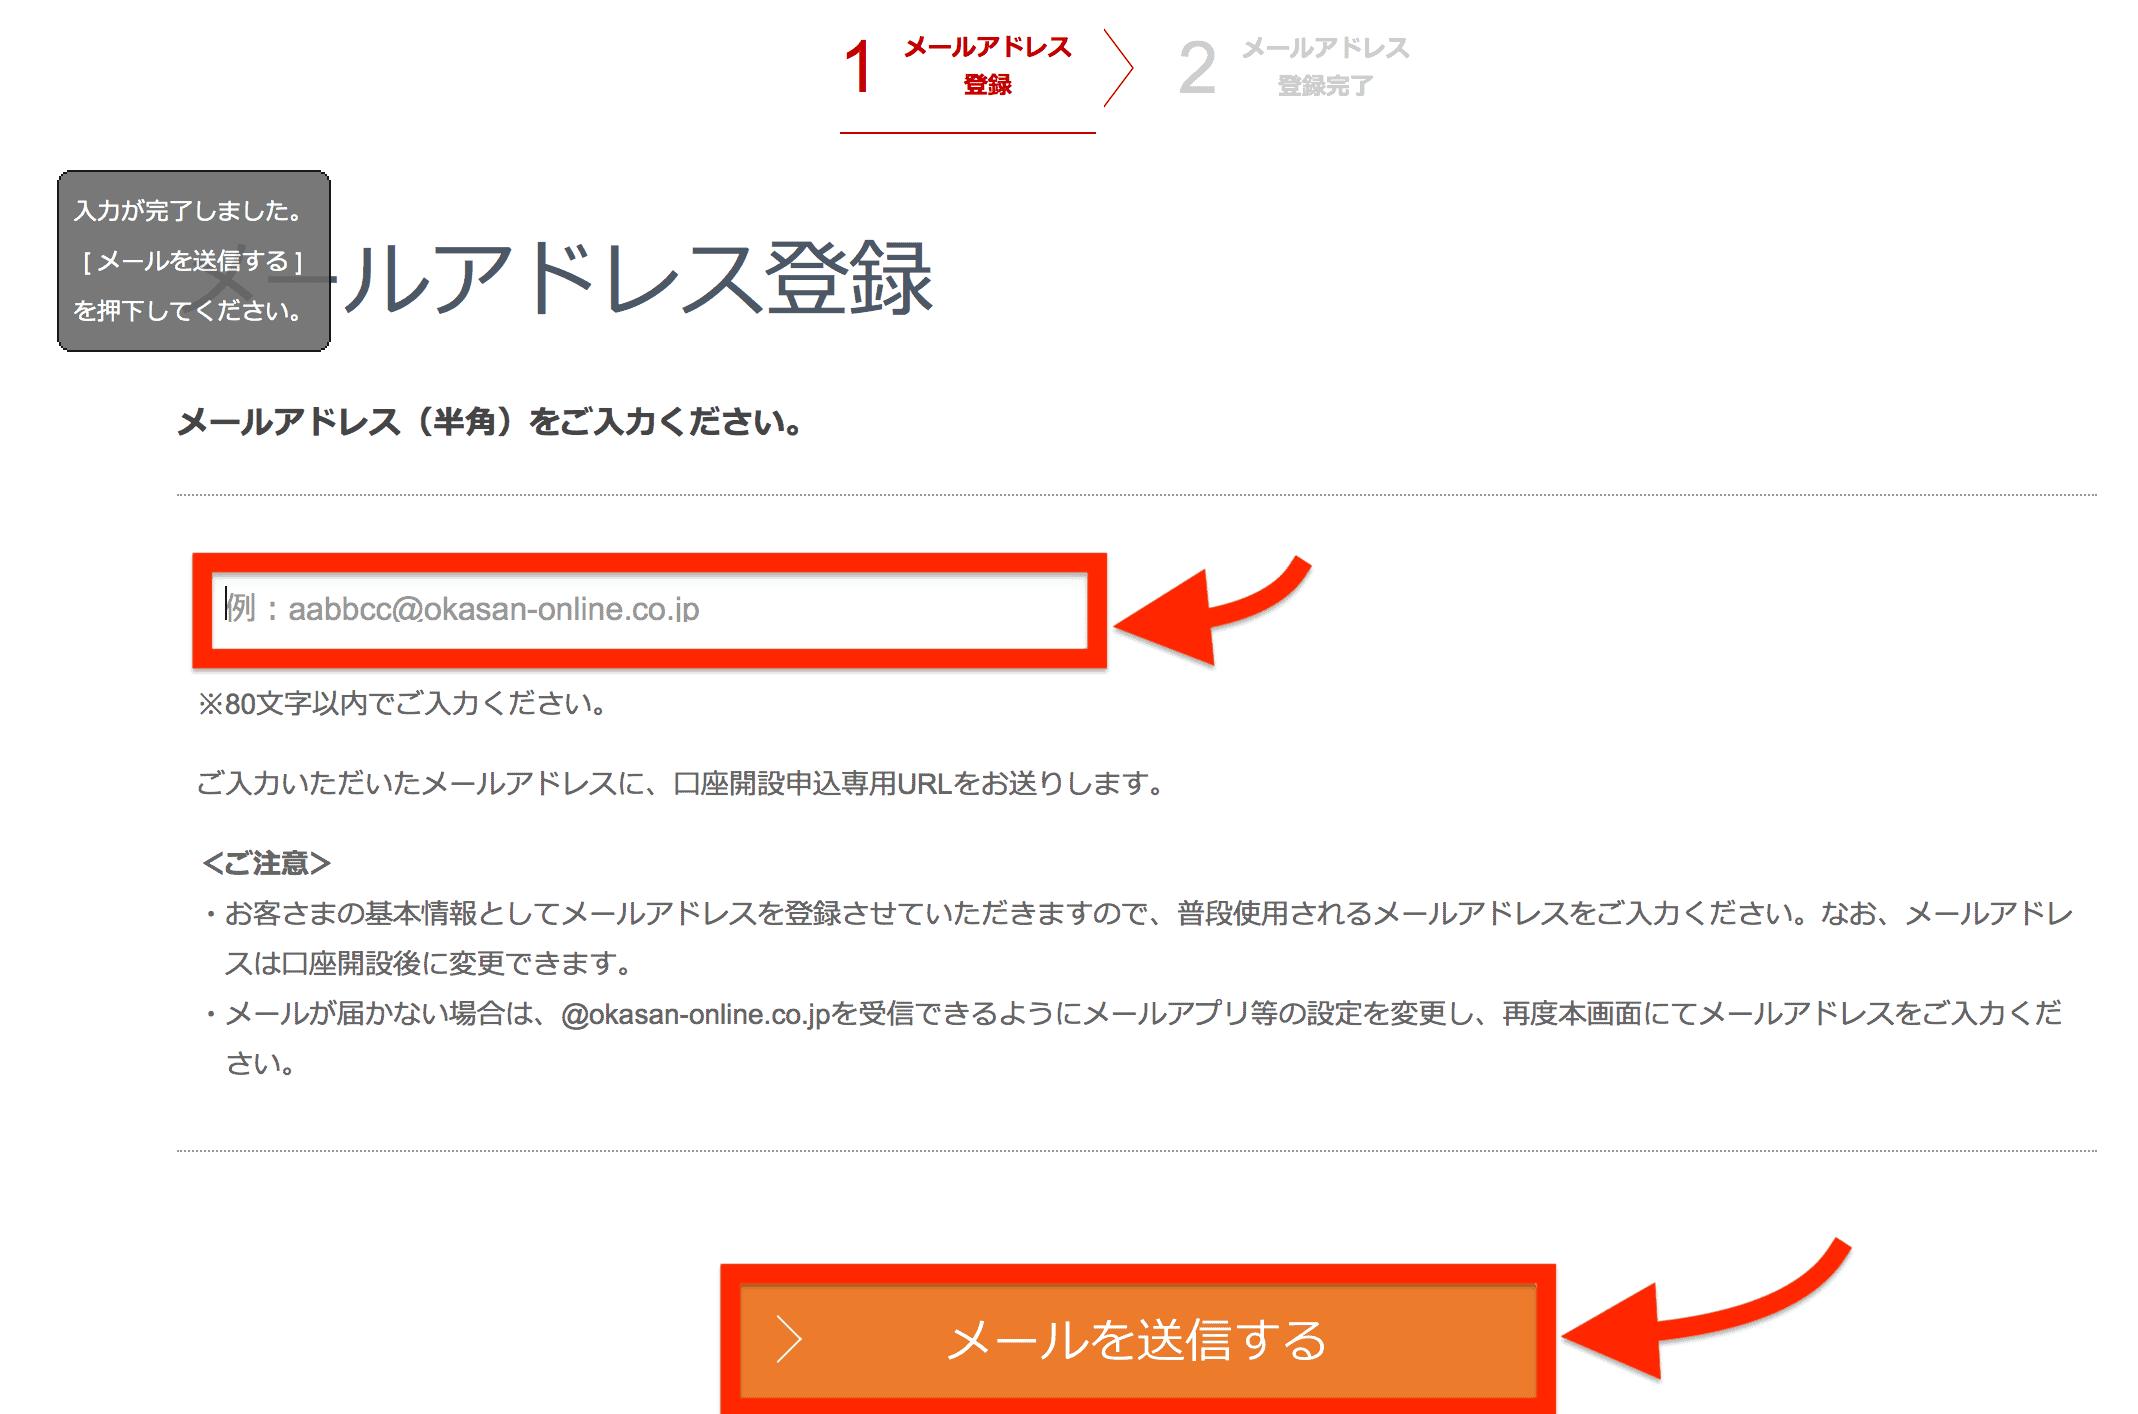 岡三オンライン証券口座開設申し込み専用URL(リンク)の送信アドレスを登録